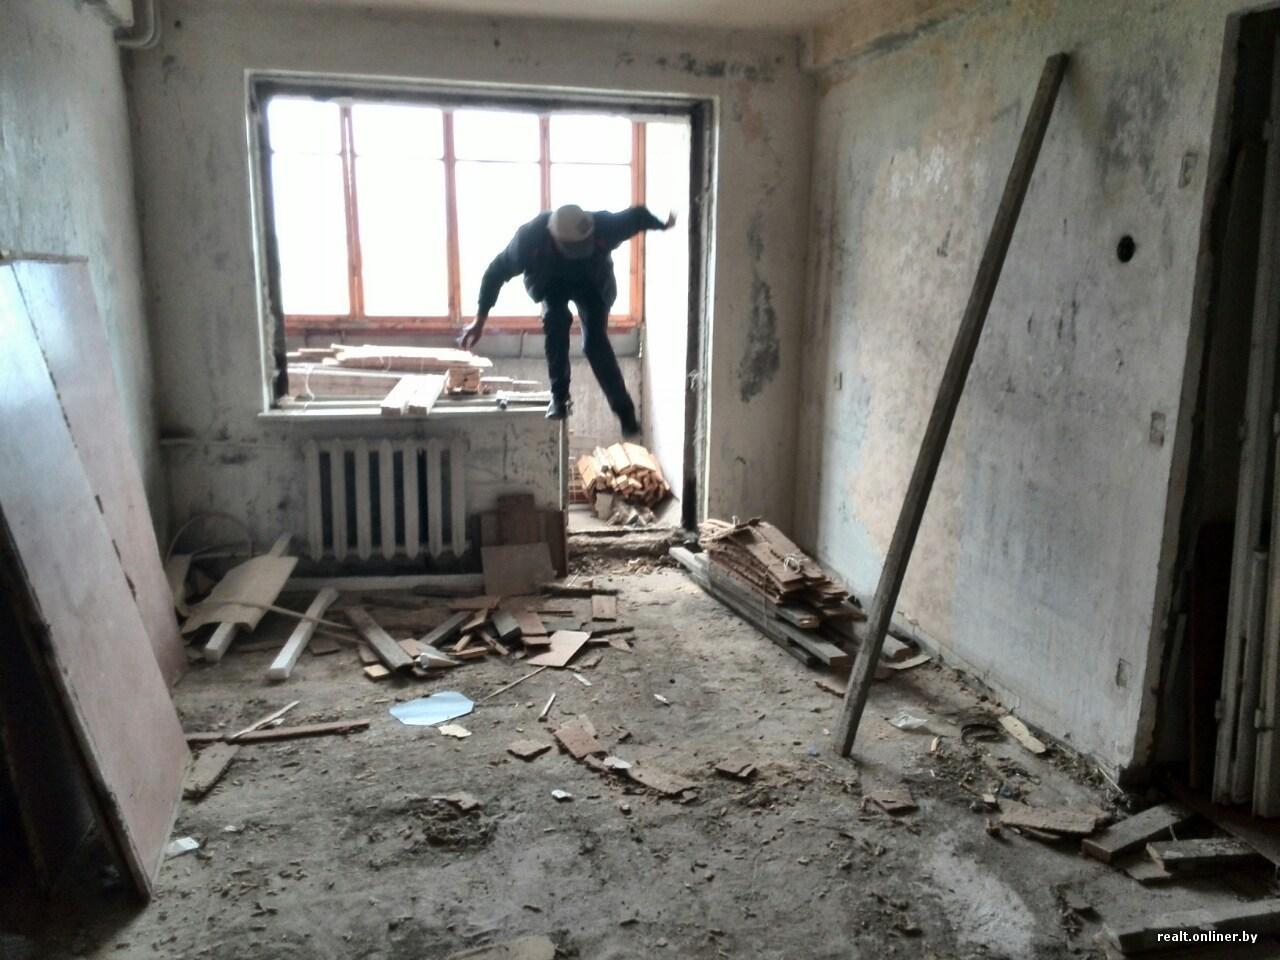 Как правильно переехать в новую квартиру: ничего не забыть, не сломать и избежать лишних расходов